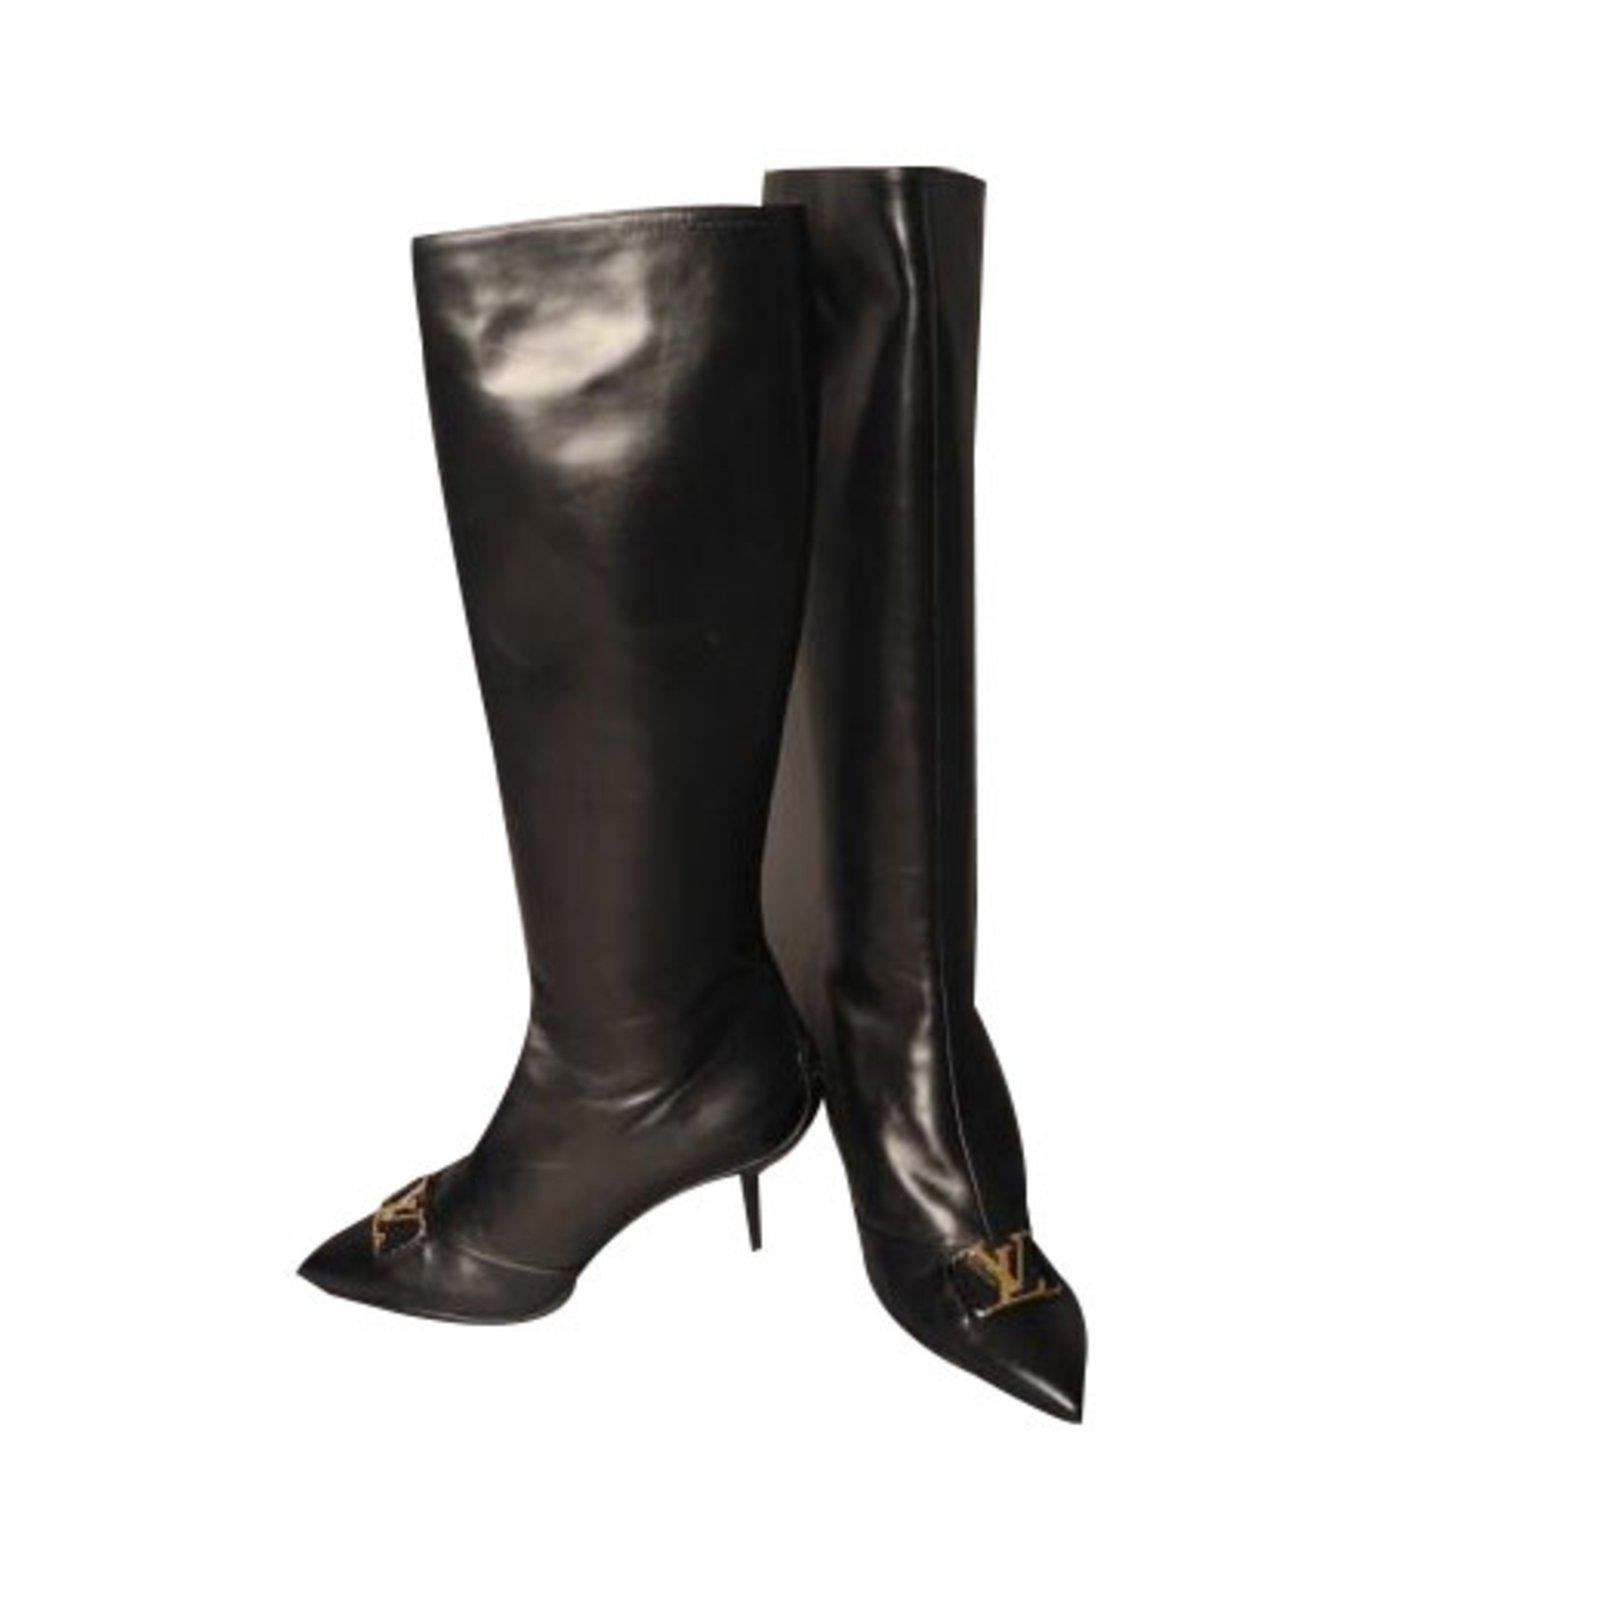 43c0532c6210 Louis Vuitton Boots Boots Leather Black ref.52493 - Joli Closet